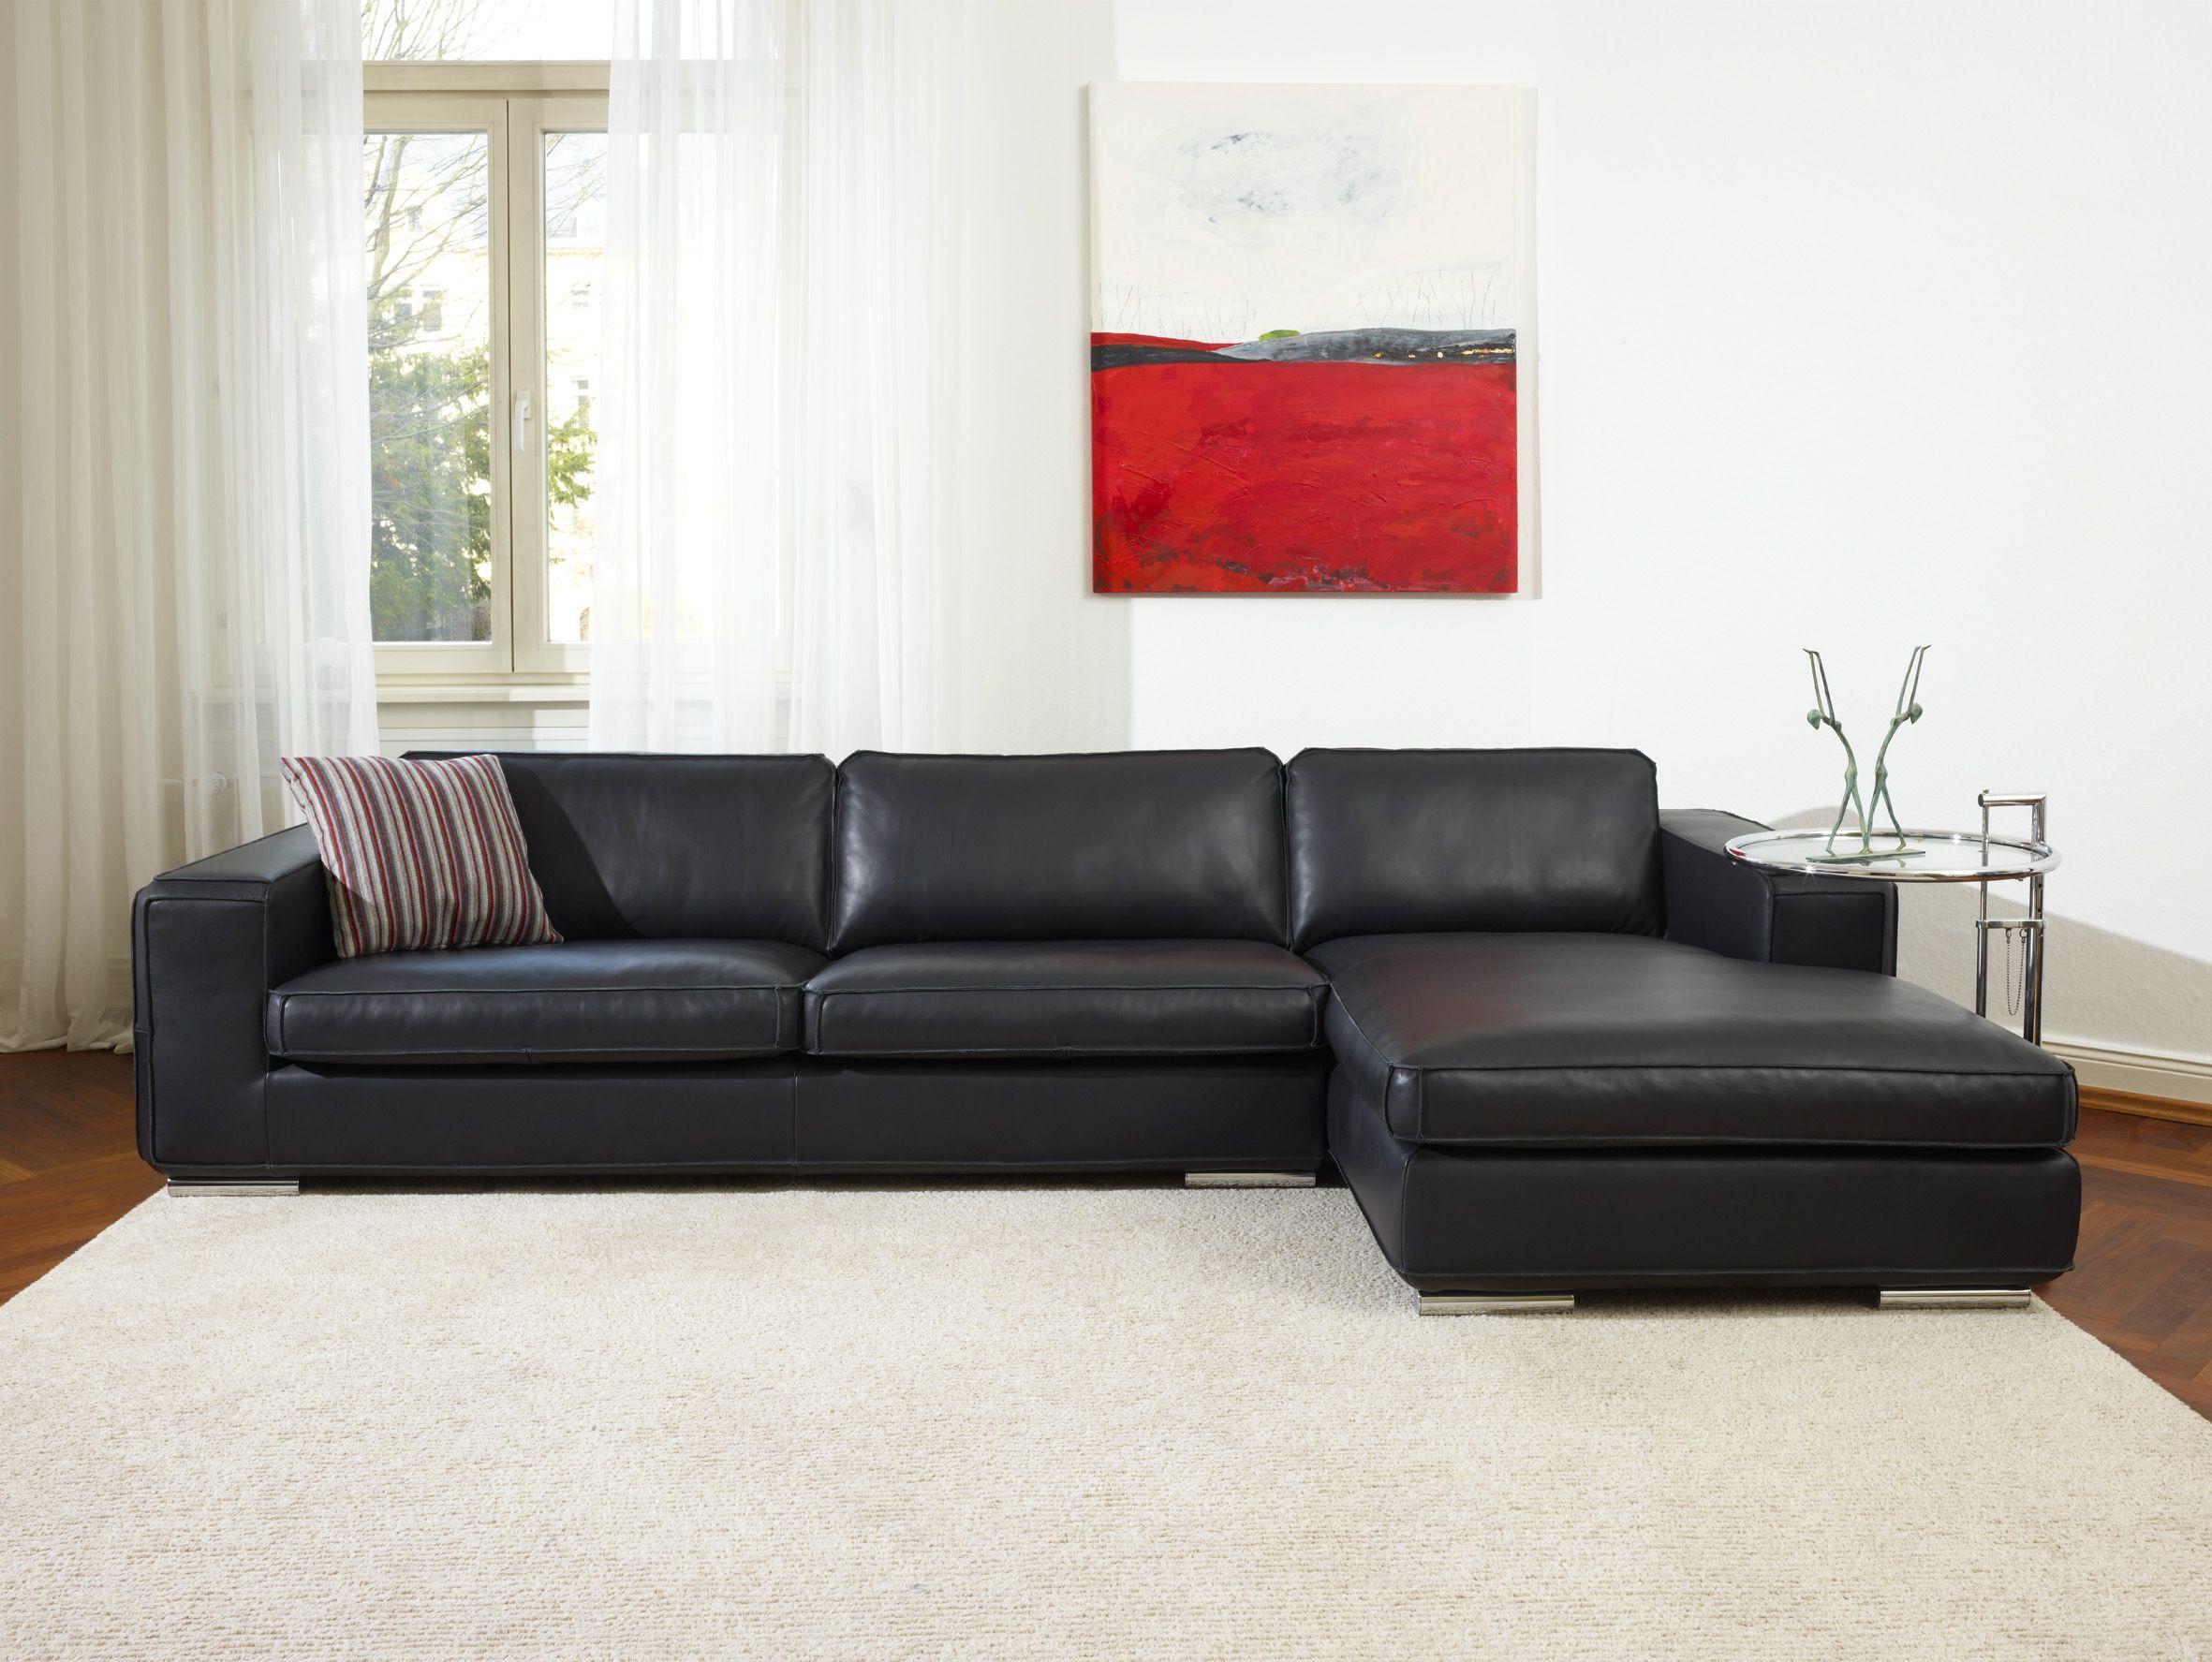 Gordon + XL longchair | Machalke Sfeer | Pinterest | Wohnzimmer ...